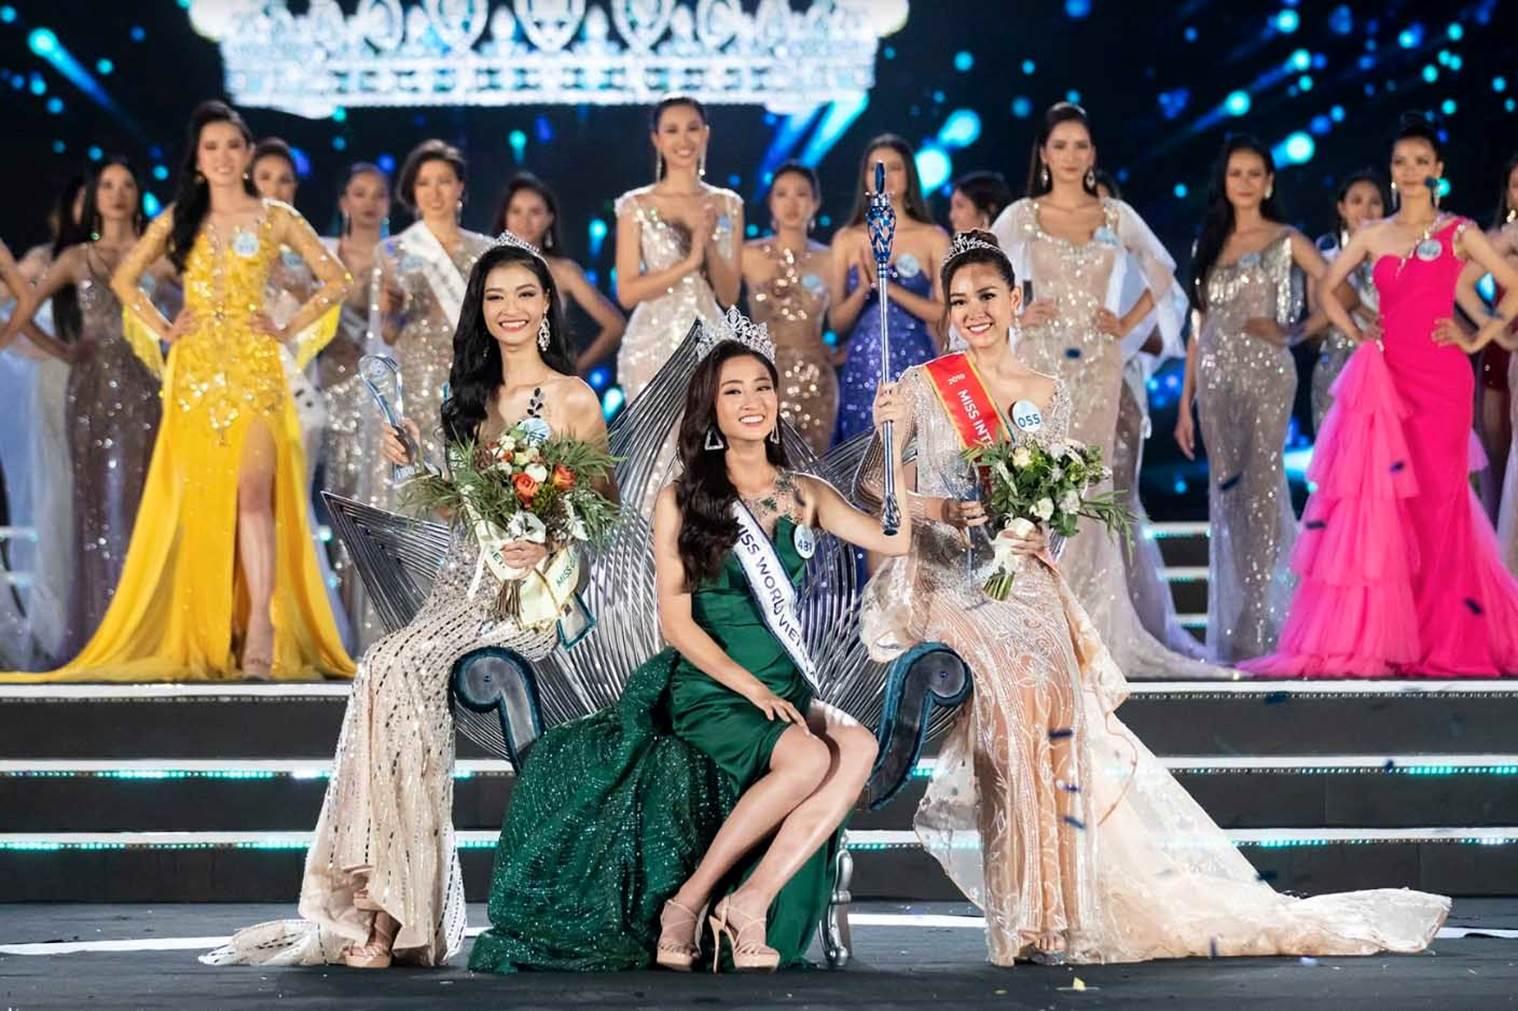 Hoa hậu Thùy Linh và hai Á hậu